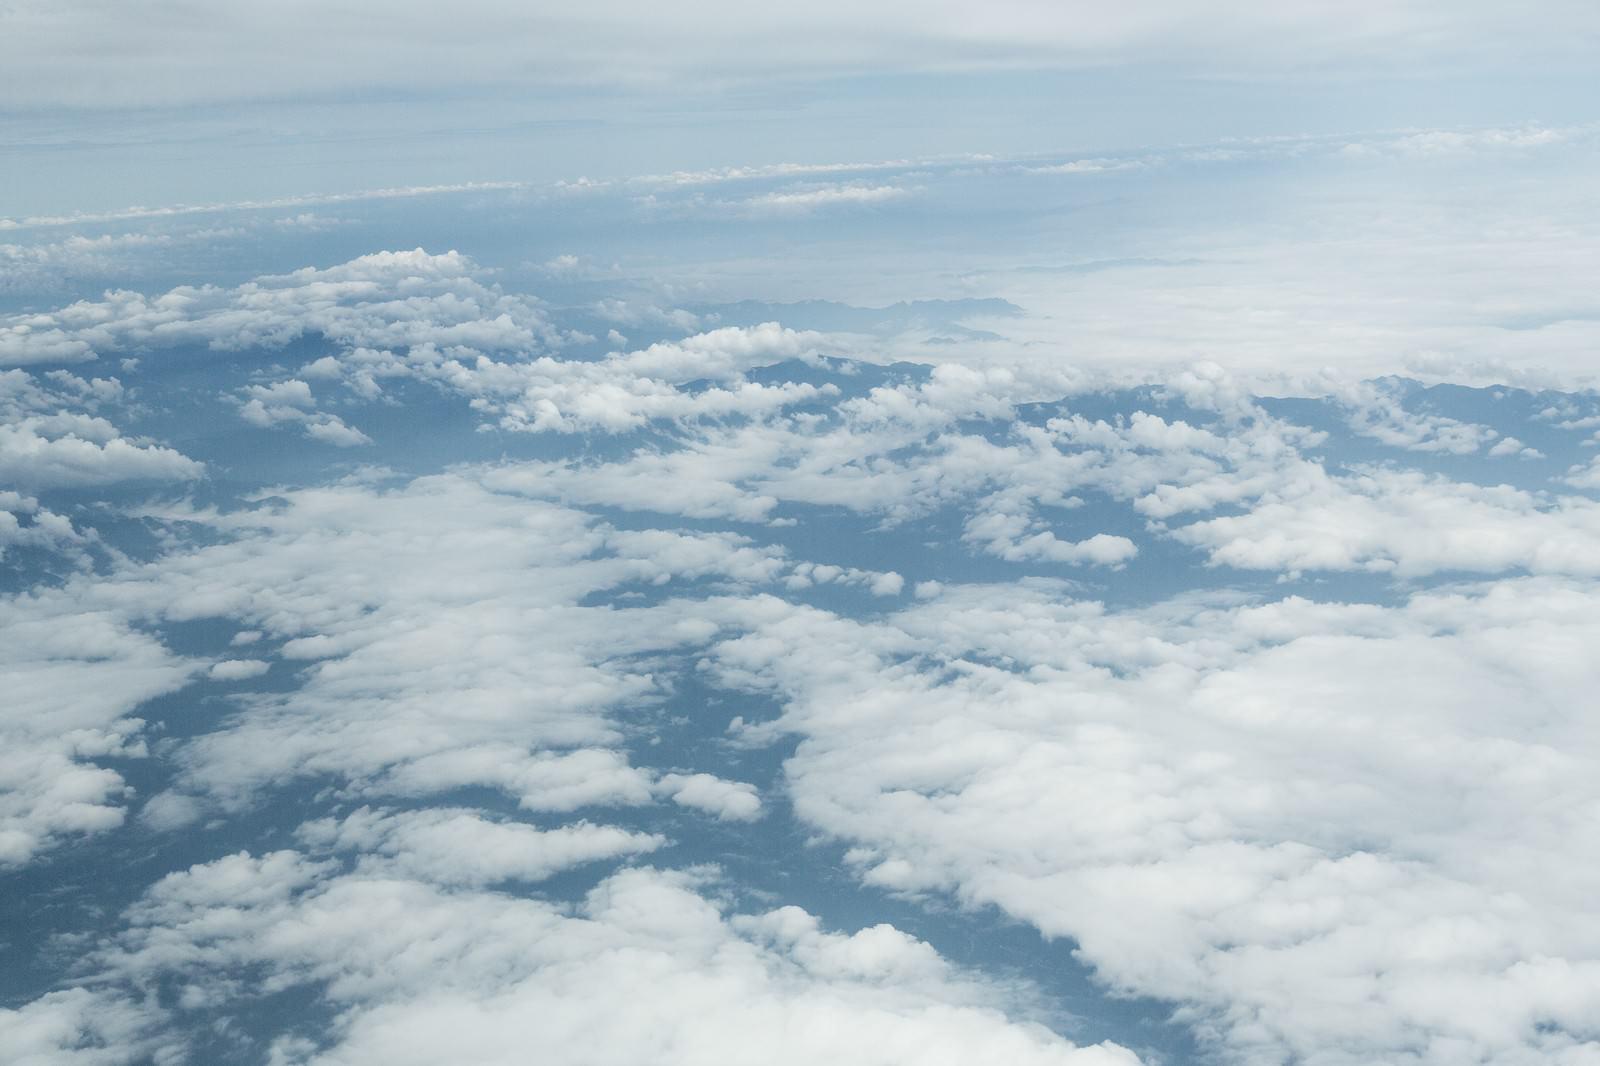 上空からの雲の写真(画像)|フリー素材「ぱくたそ」